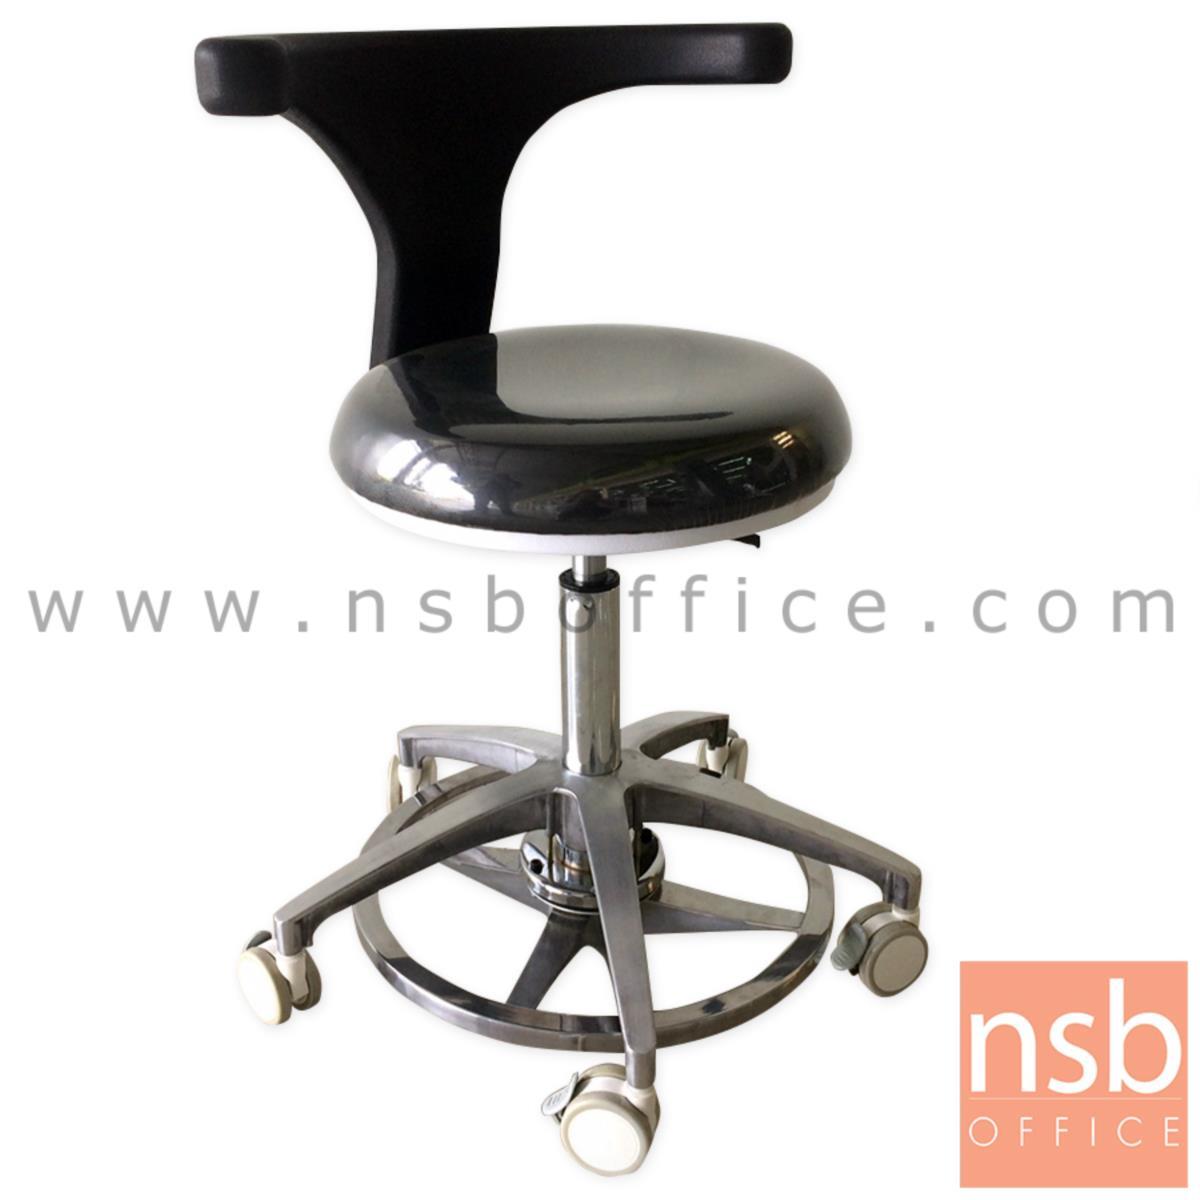 B32A002:เก้าอี้คุณหมอ รุ่น Mocking (ม็อกกิ้ง)  ขาอลูมีเนียม ลูกล้อเก็บเสียง (ปรับระดับด้วยเท้า)